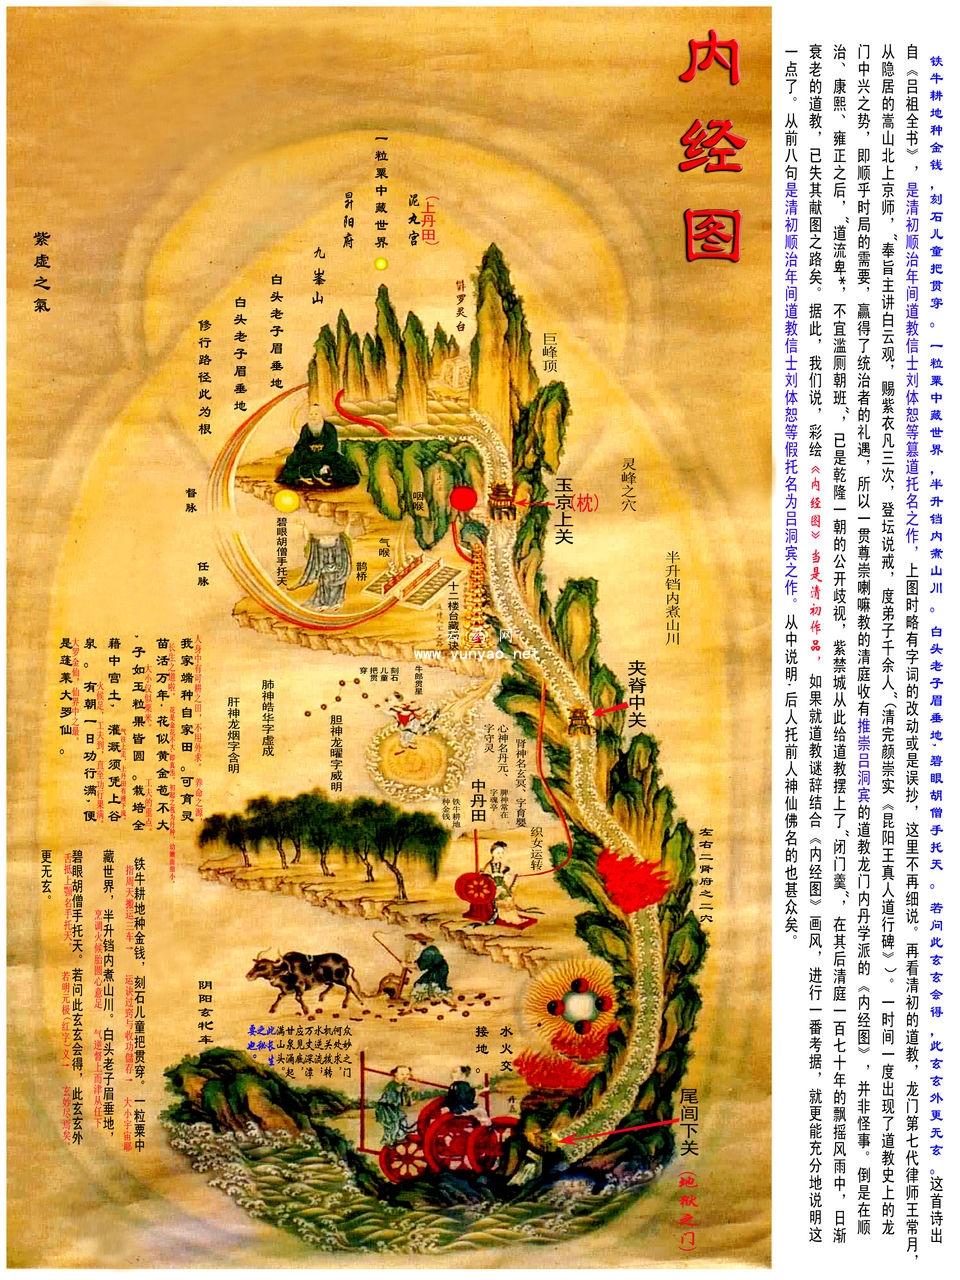 Вк. 00. Даосская антропология: nei jing tu & xiu zhen tu